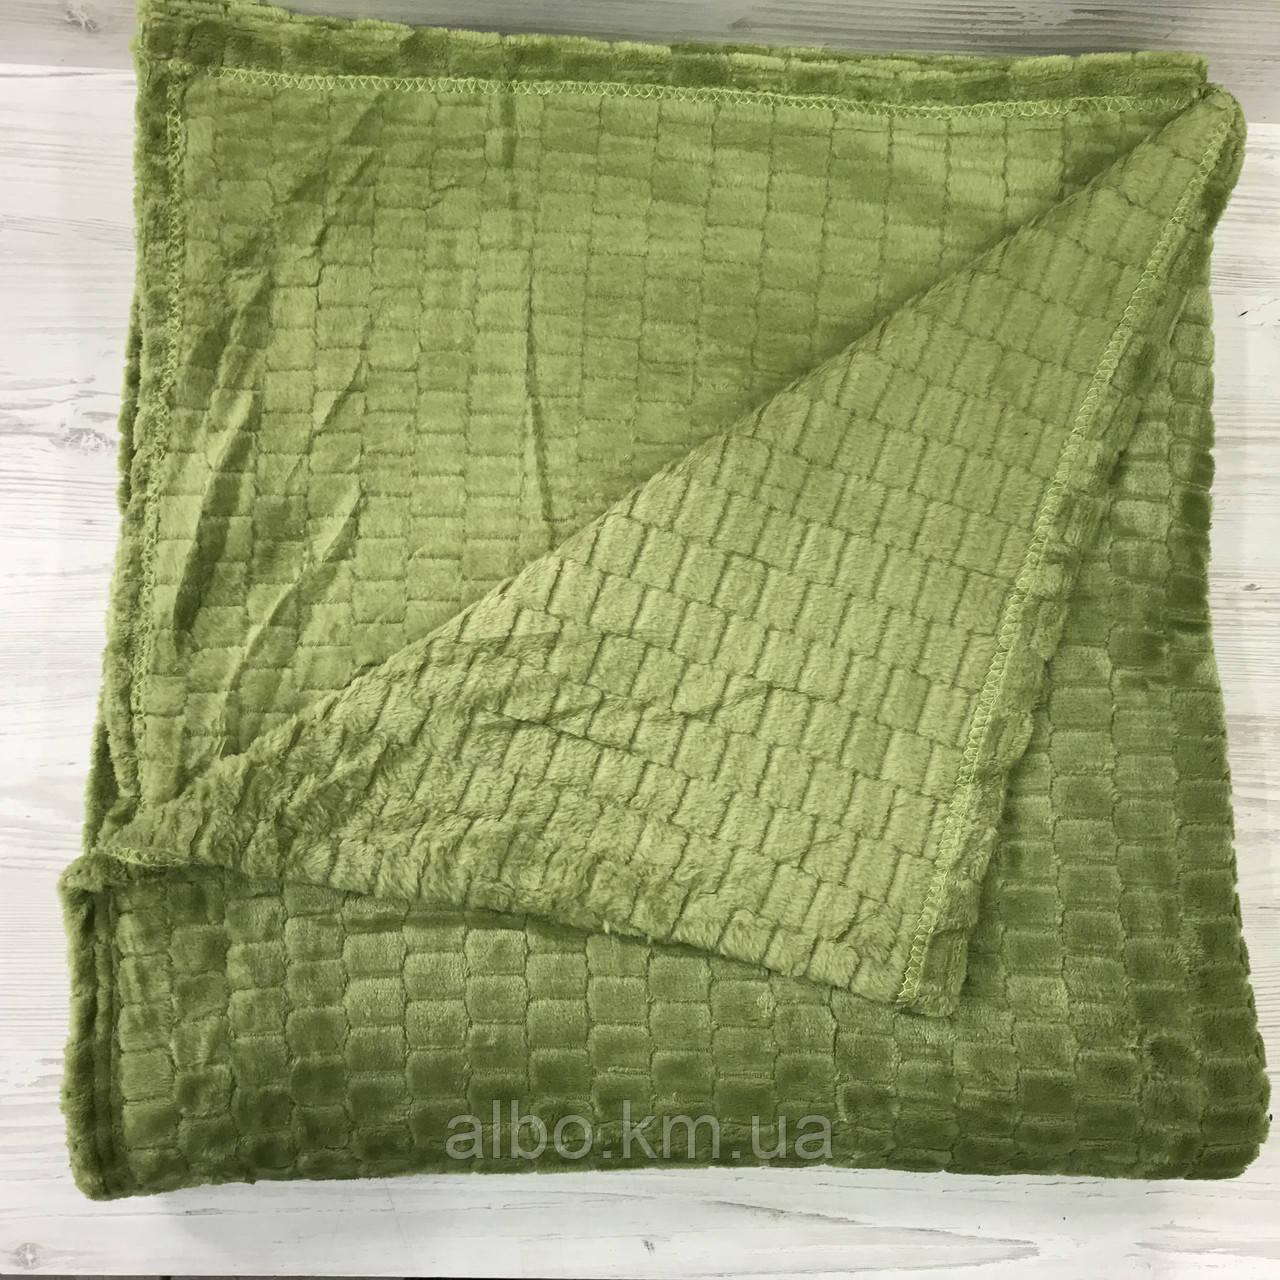 Покрывало плед Микрофибра ALBO 200х230 cm Зеленое (P-F3-22-2)